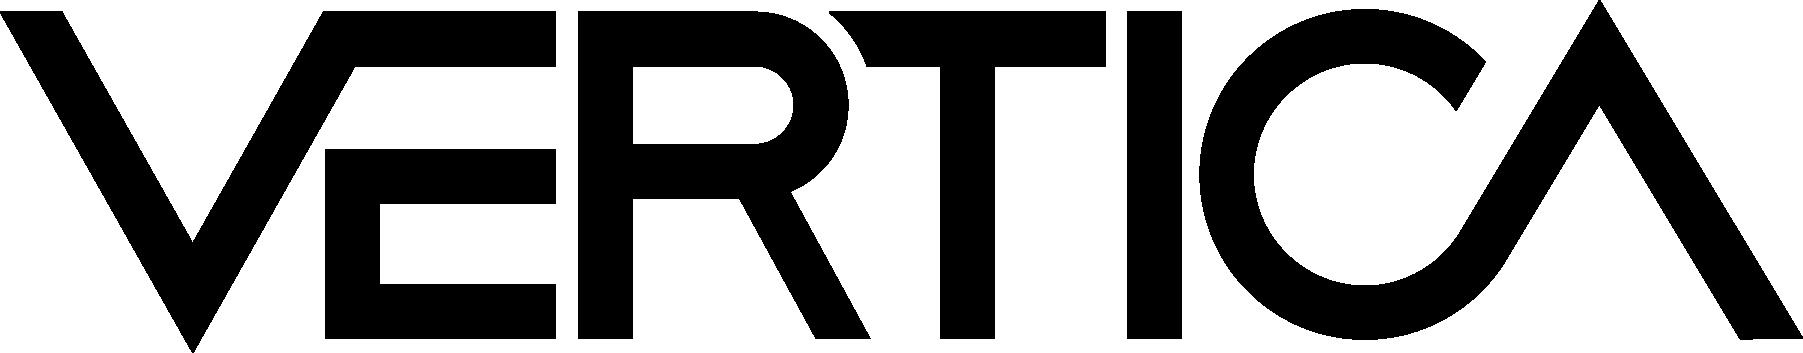 vertica_pos_blk_rgb-3